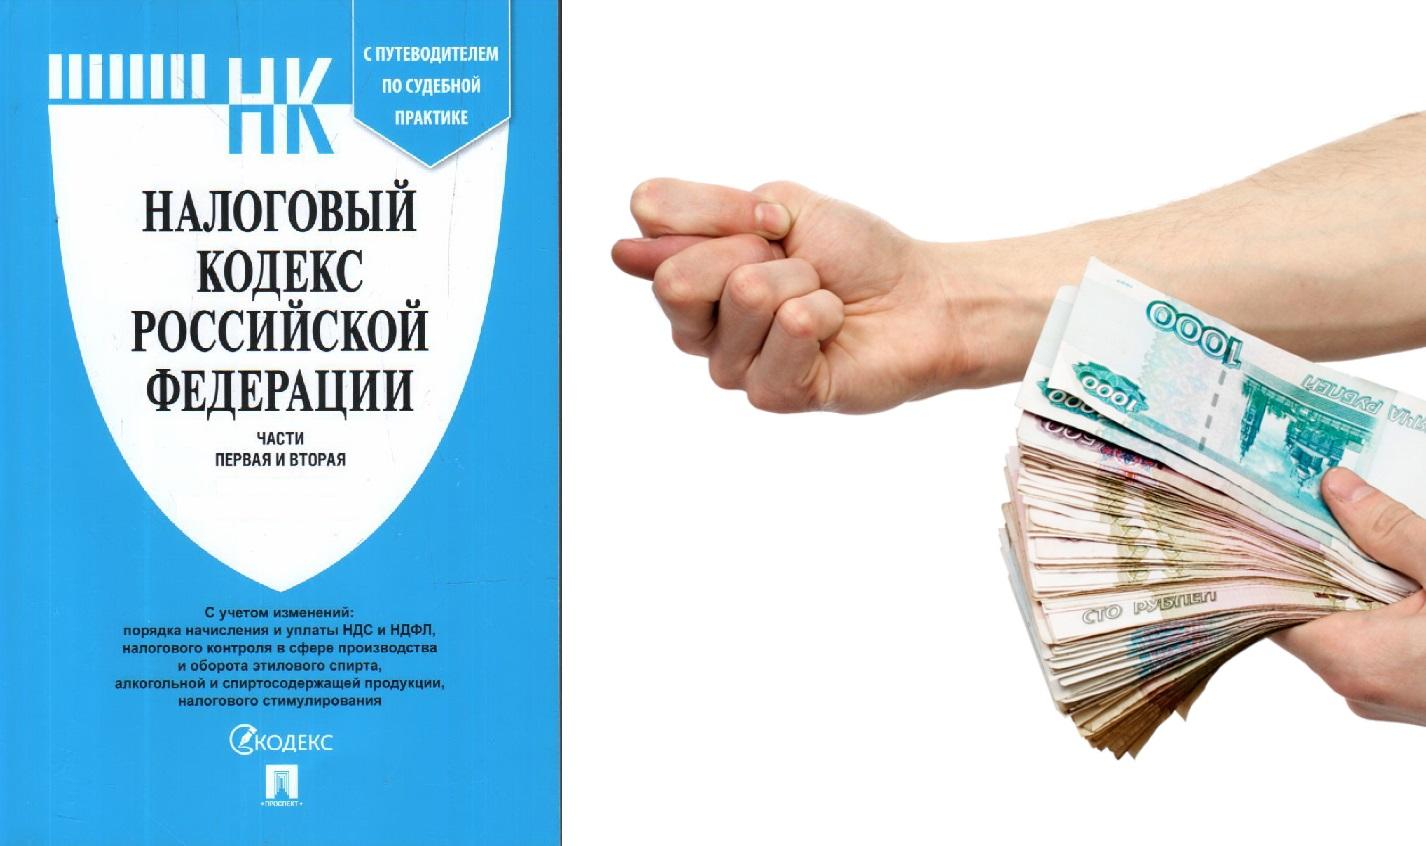 Теплоэнергетики из Костромской области попались на налоговых махинациях